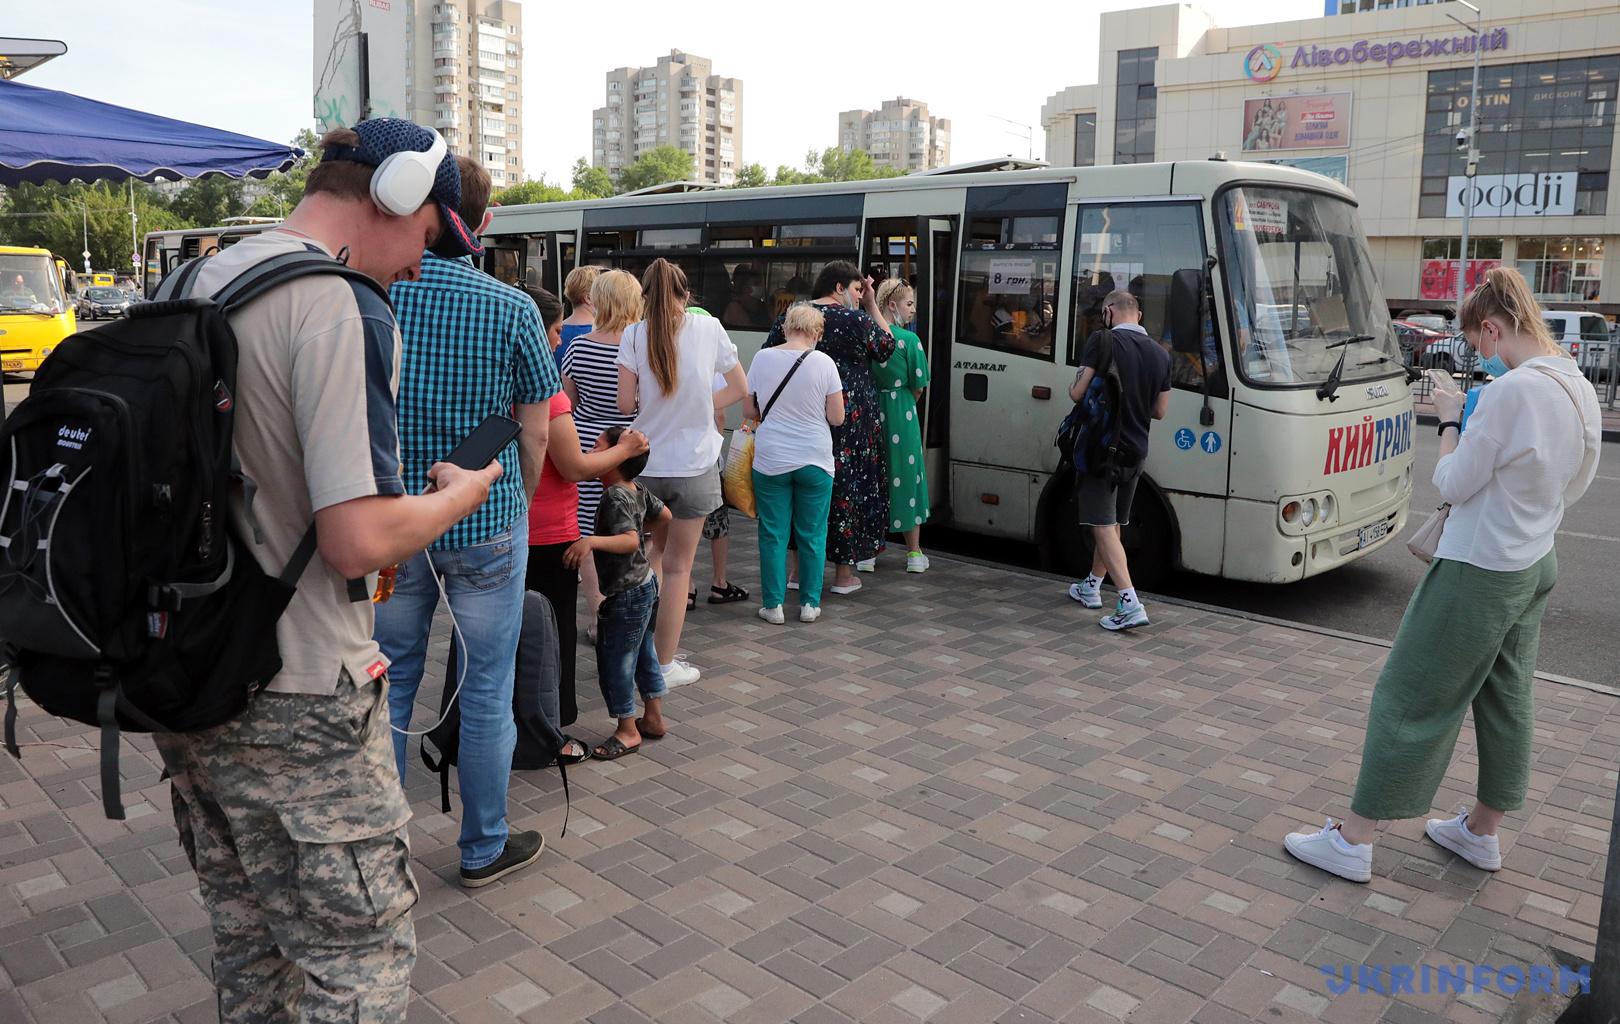 Спрей може бути корисний там, де людям важко тримати дистанцію / Фото: Геннадій Мінченко, Укрінформ